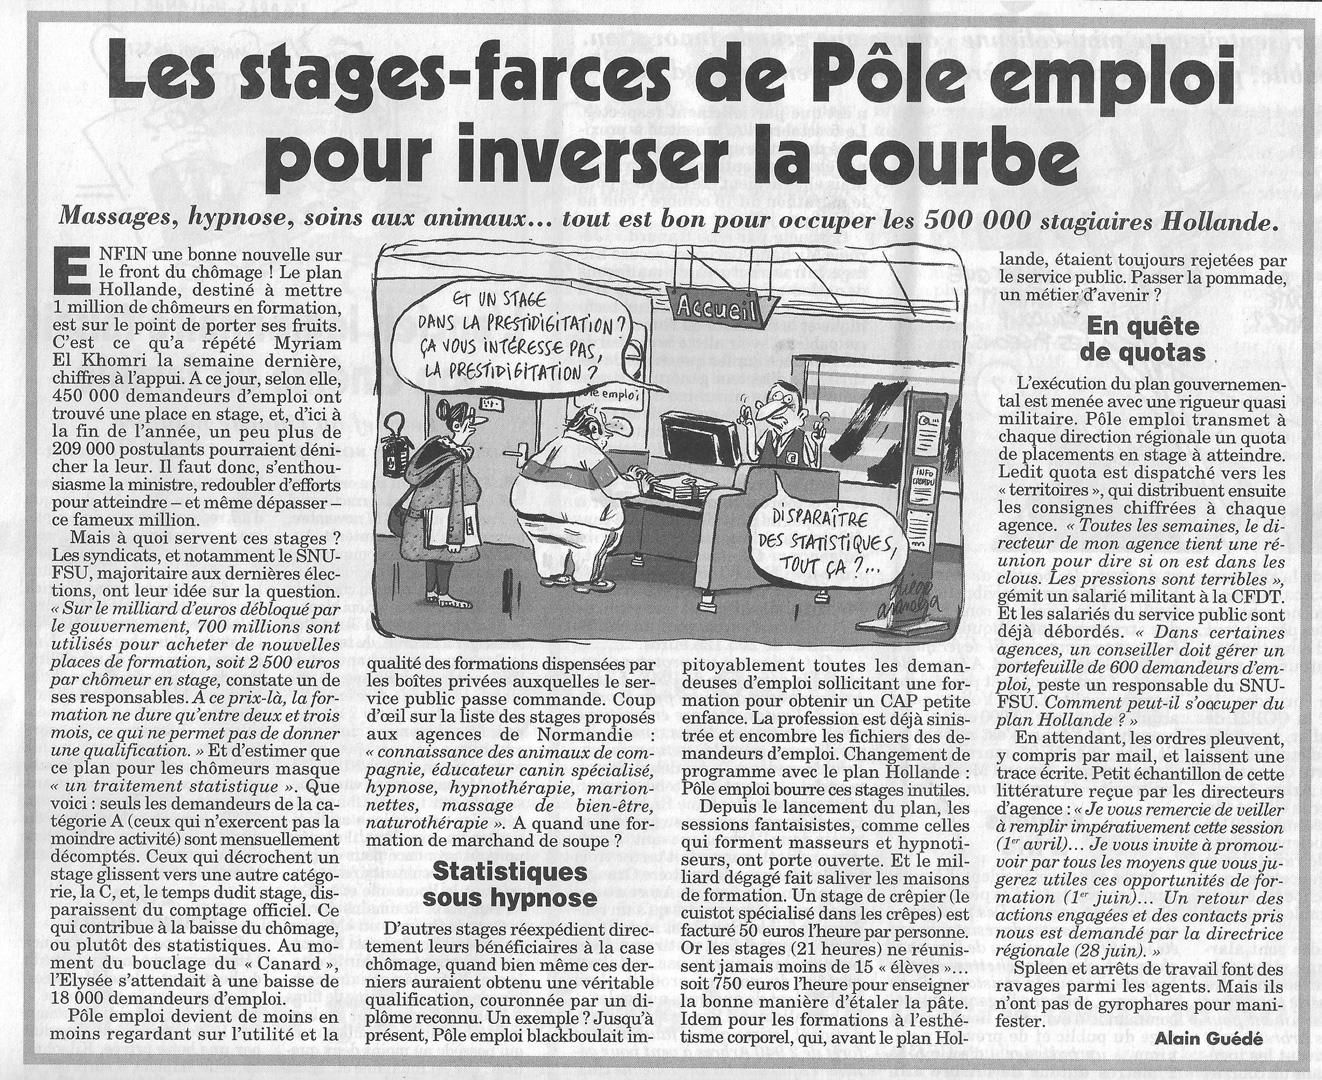 Le co t de l incomp tence informatique en france est de - Formation cuisine pole emploi ...